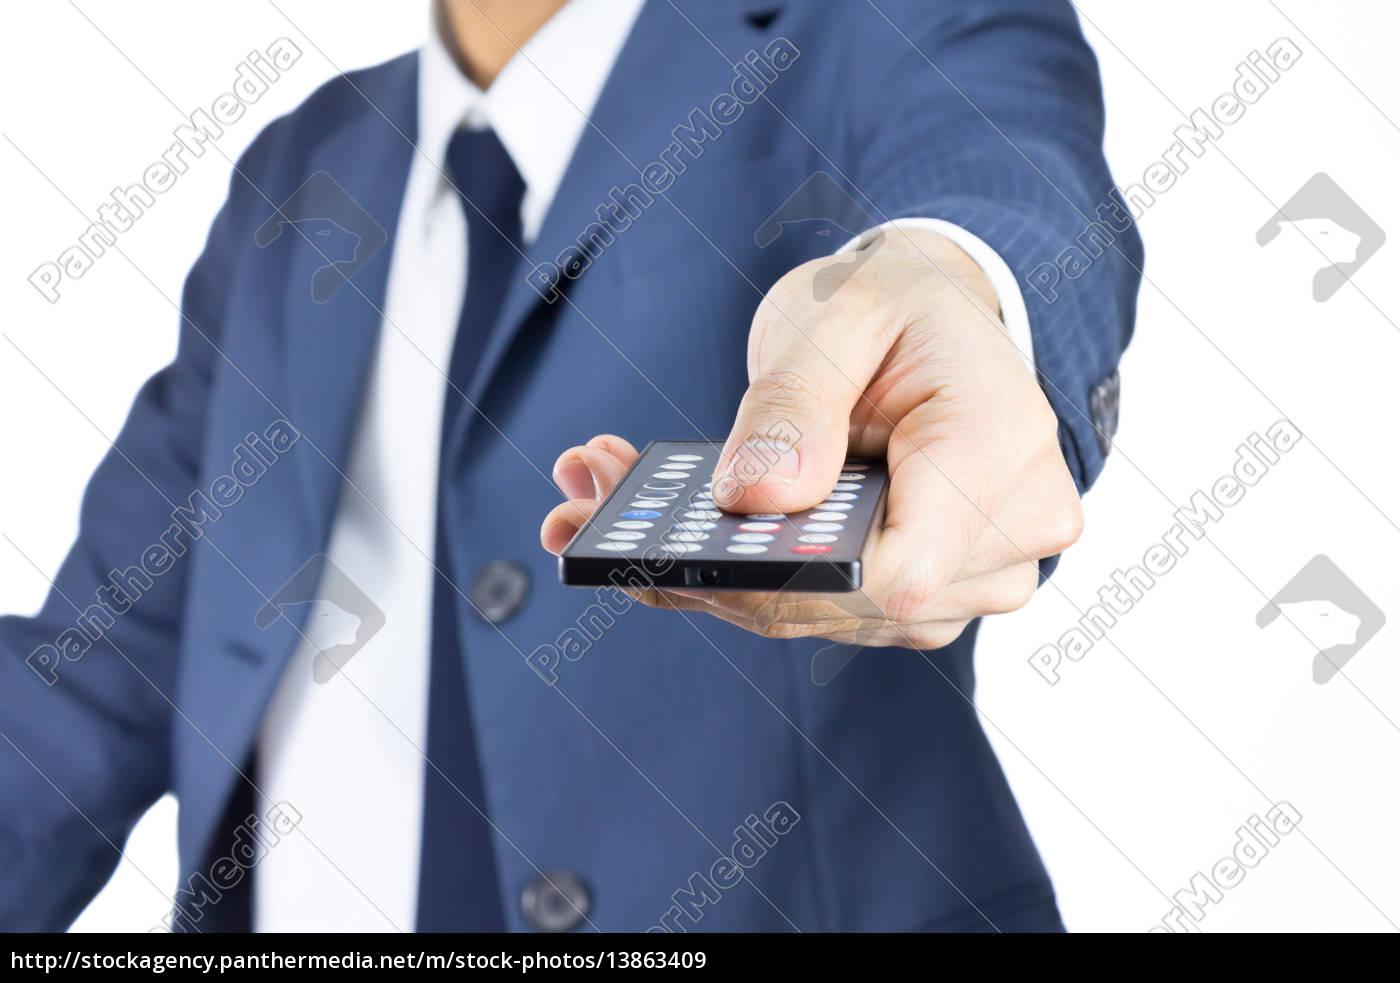 uomo, d'affari, con, telecomando, isolato, su - 13863409